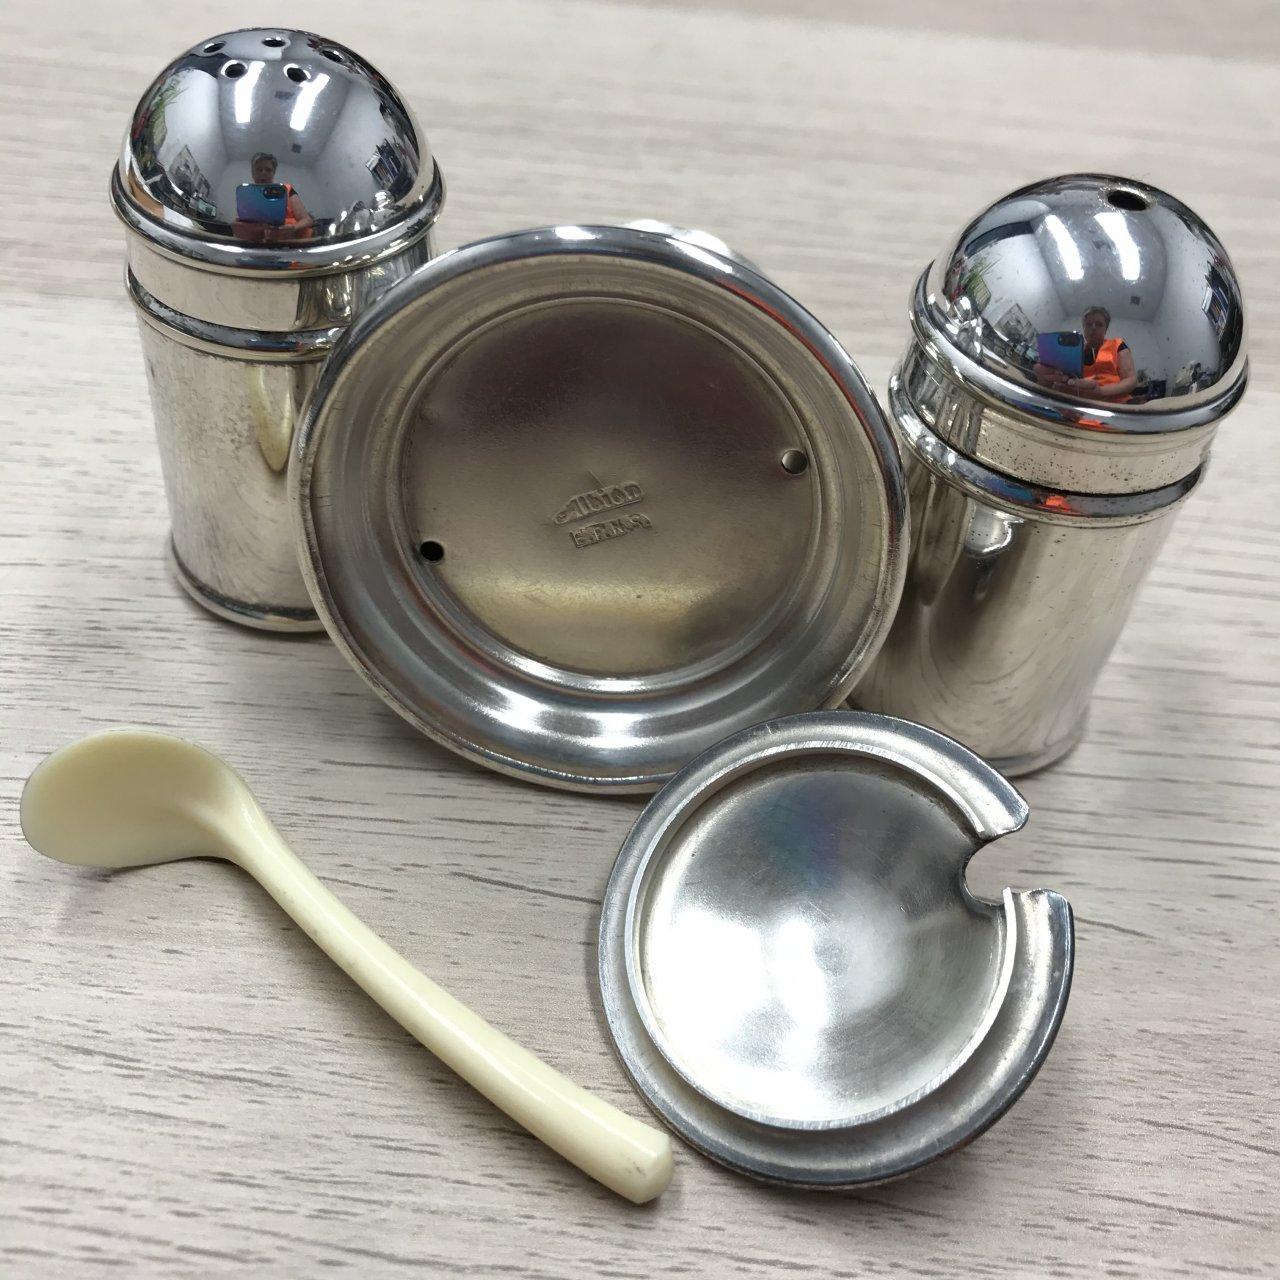 Albion EPNS Cruet Set, Salt, Pepper & Mustard Cellar Pot With Spoon